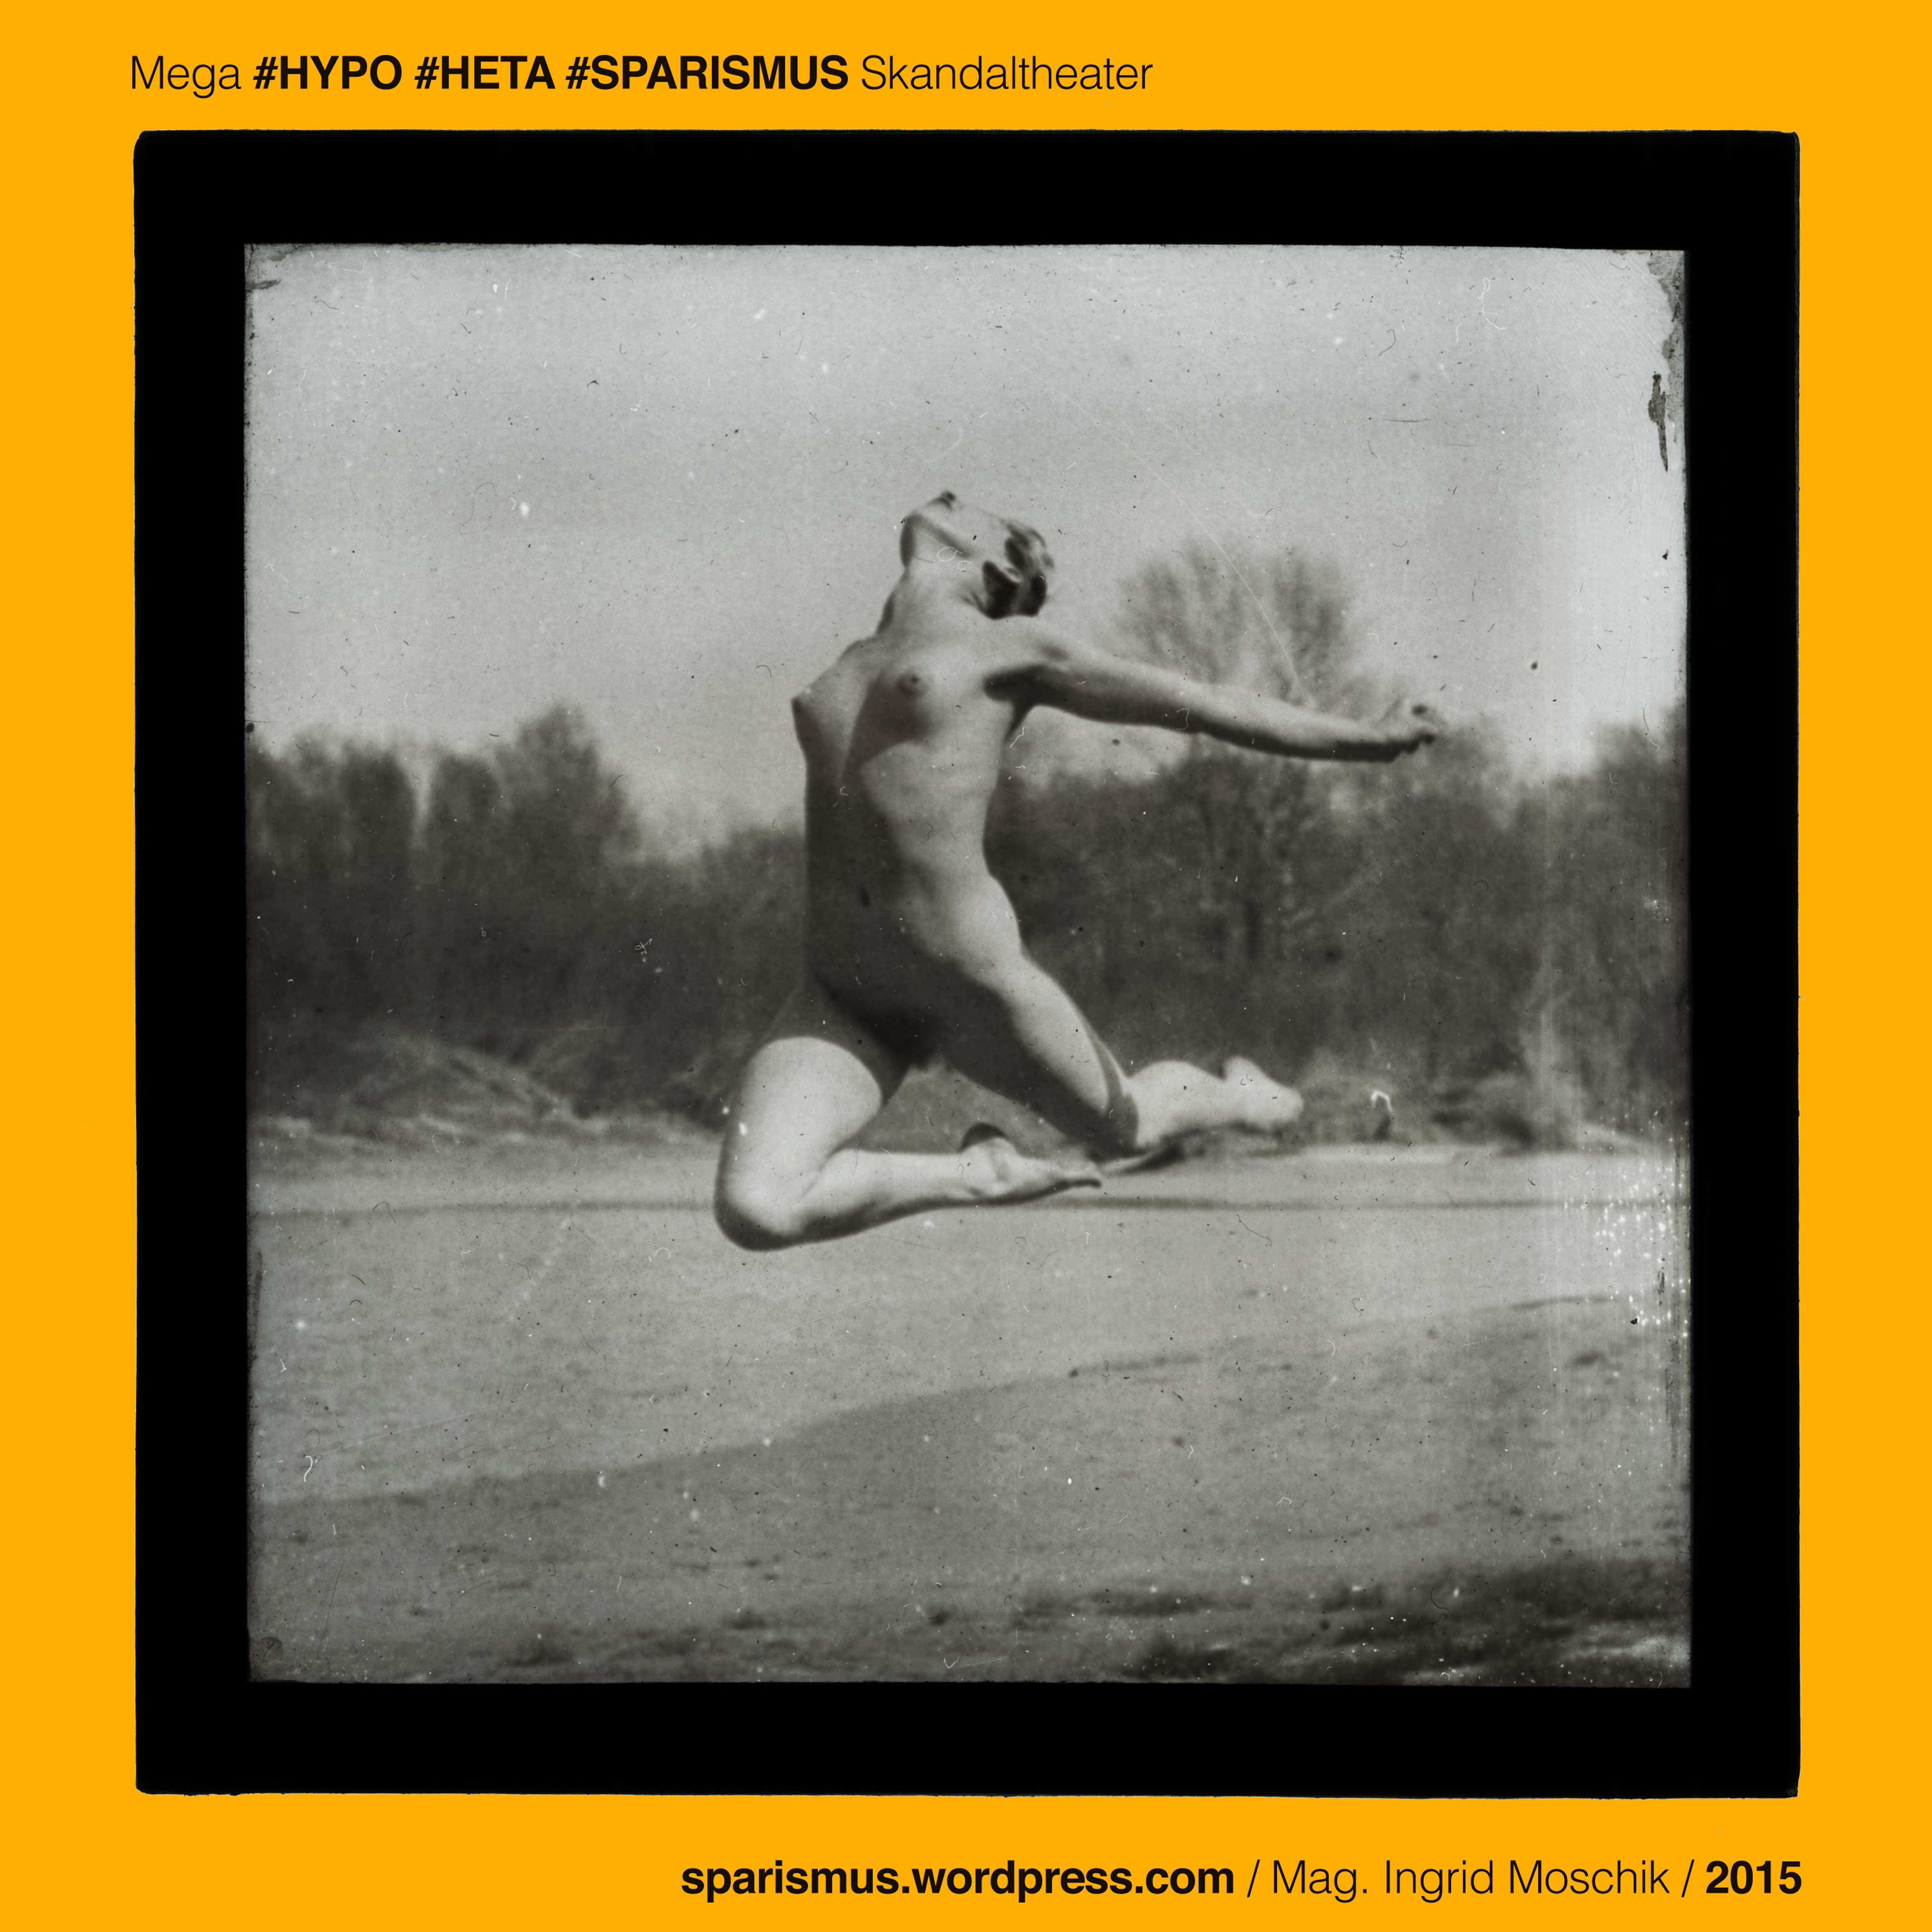 Hypo Heta Sparismus Arthur Benda Wien Lobau Fkk 1930 31